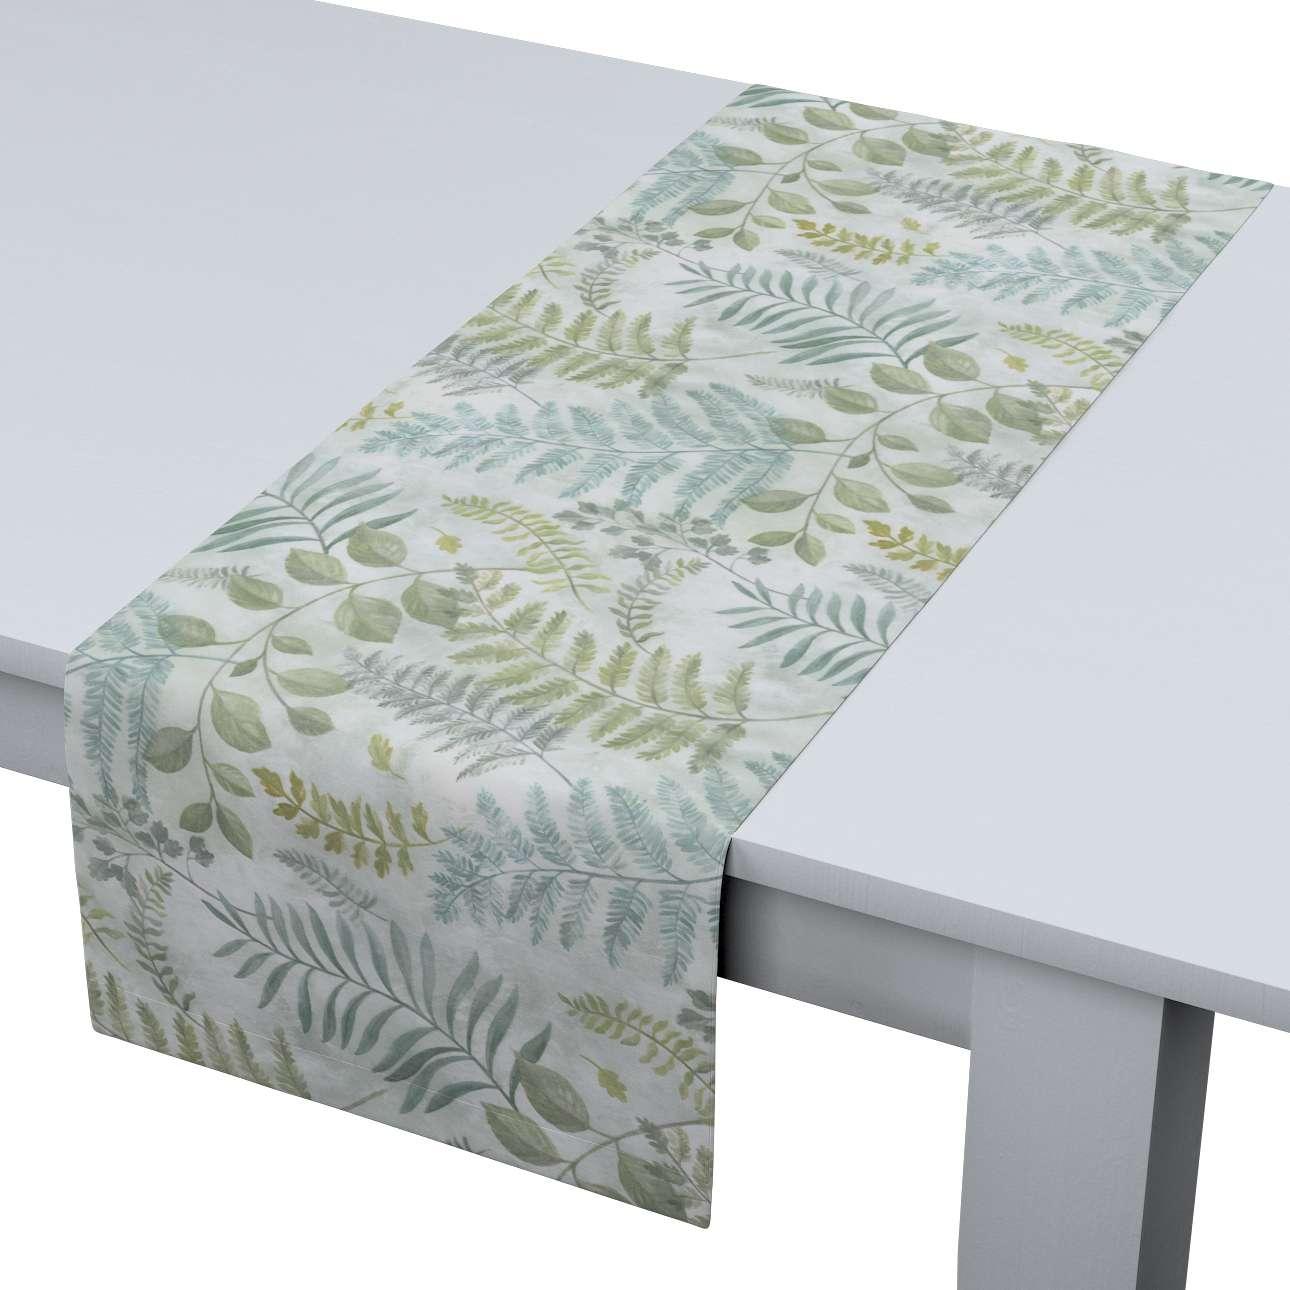 Bieżnik prostokątny w kolekcji Pastel Forest, tkanina: 142-46